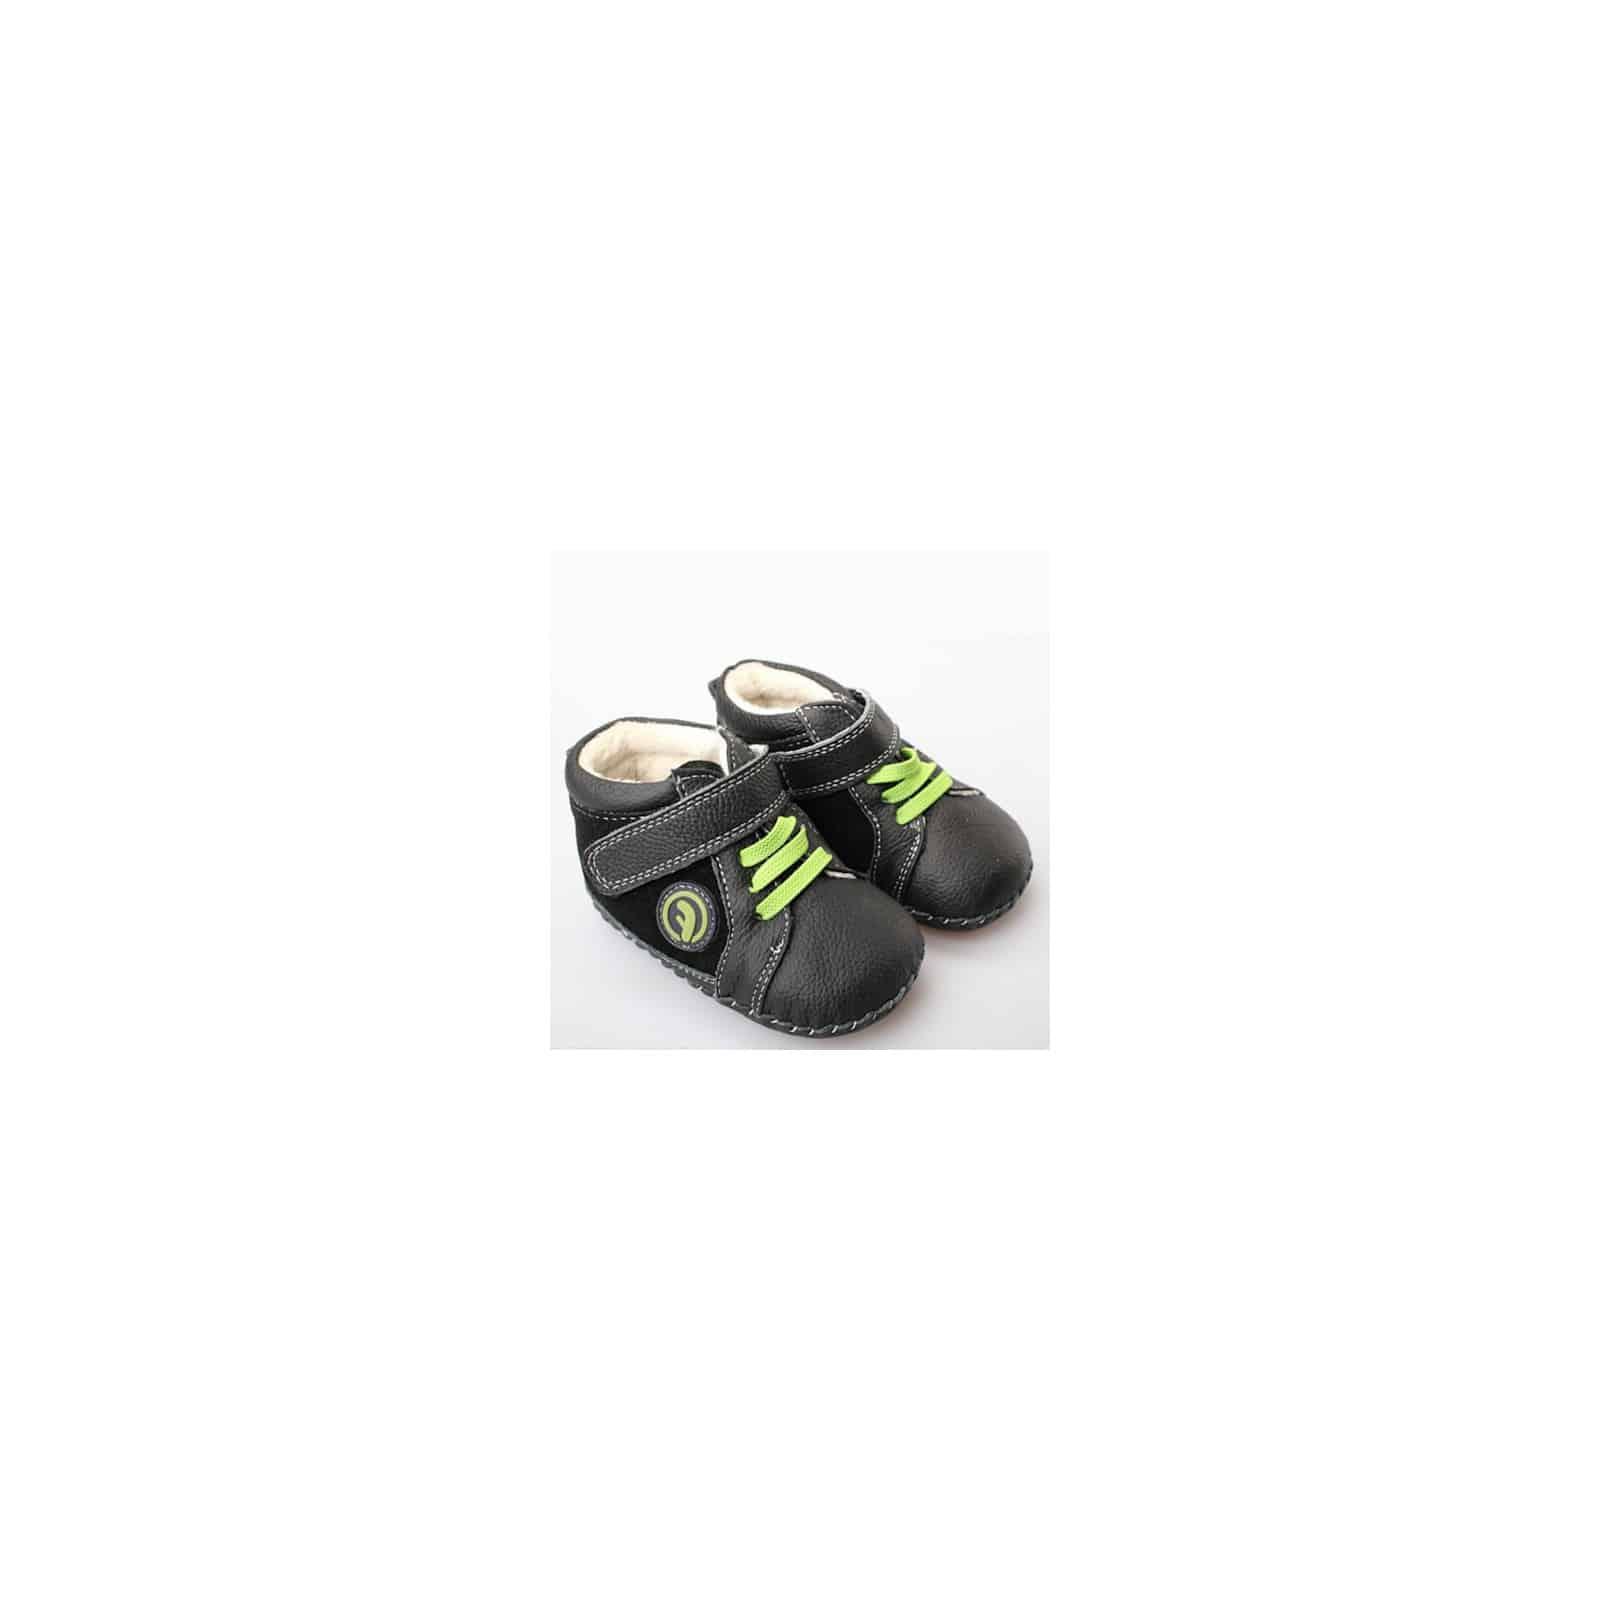 07b3af0a3077a FREYCOO - Chaussures premiers pas cuir souple